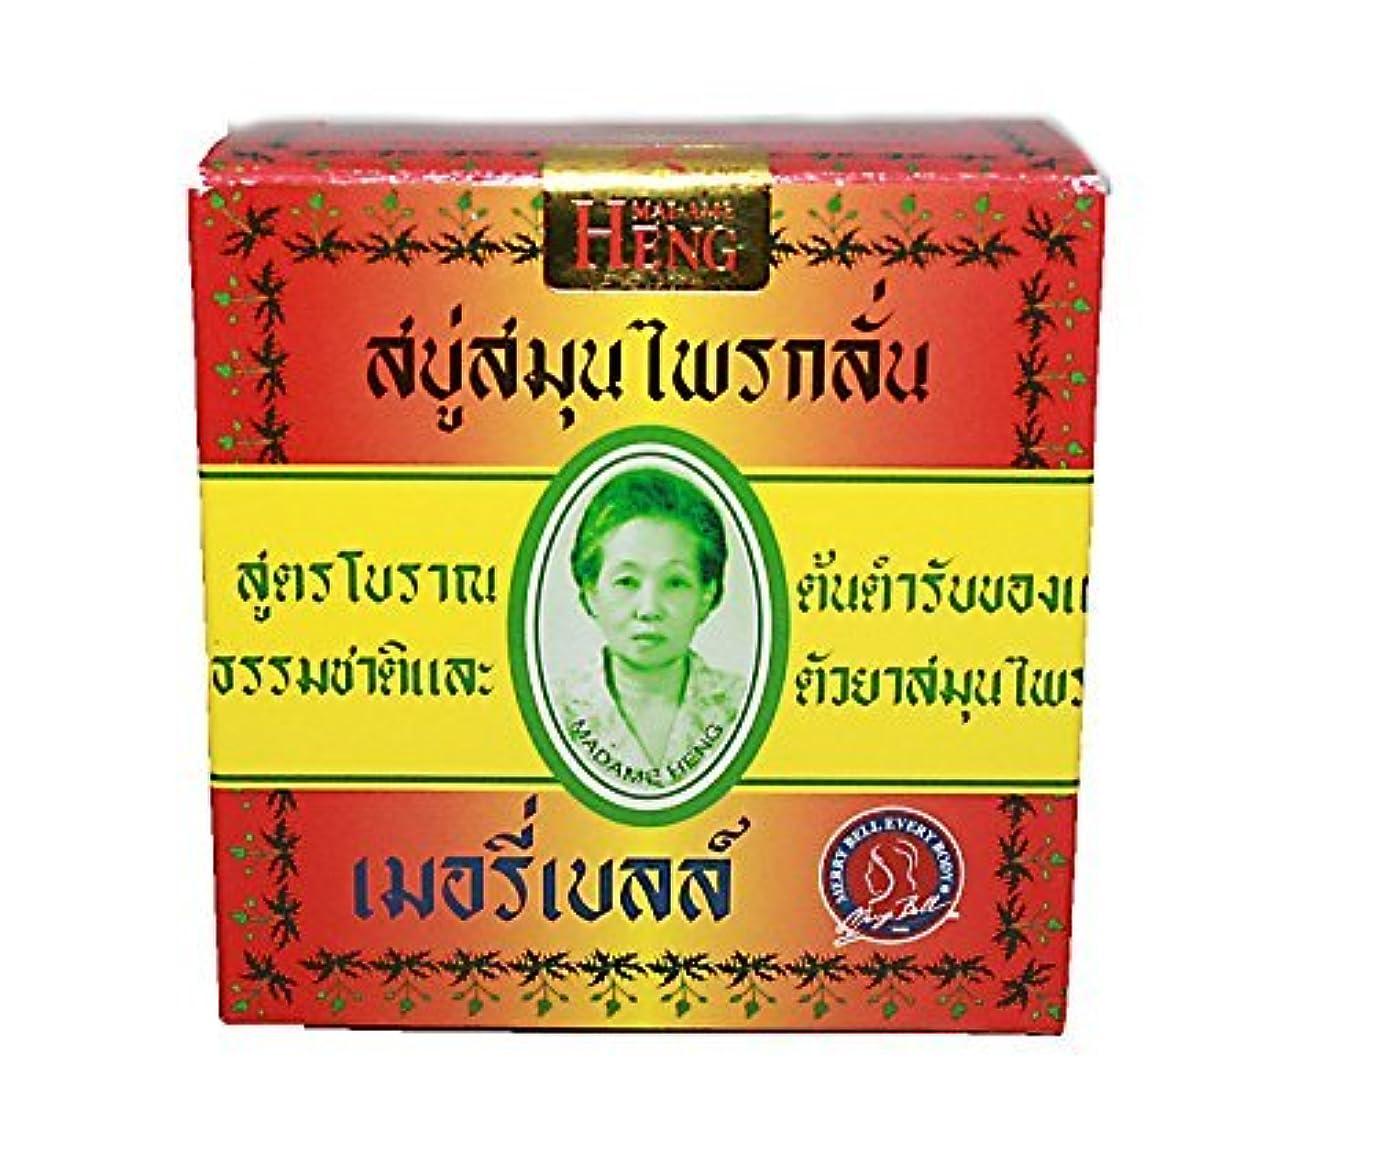 ラジエーターレオナルドダ実際にMADAME HENG NATURAL SOAP BAR MERRY BELL ORIGINAL THAI (net wt 5.64 OZ.or 160g.) by onefeelgood shop